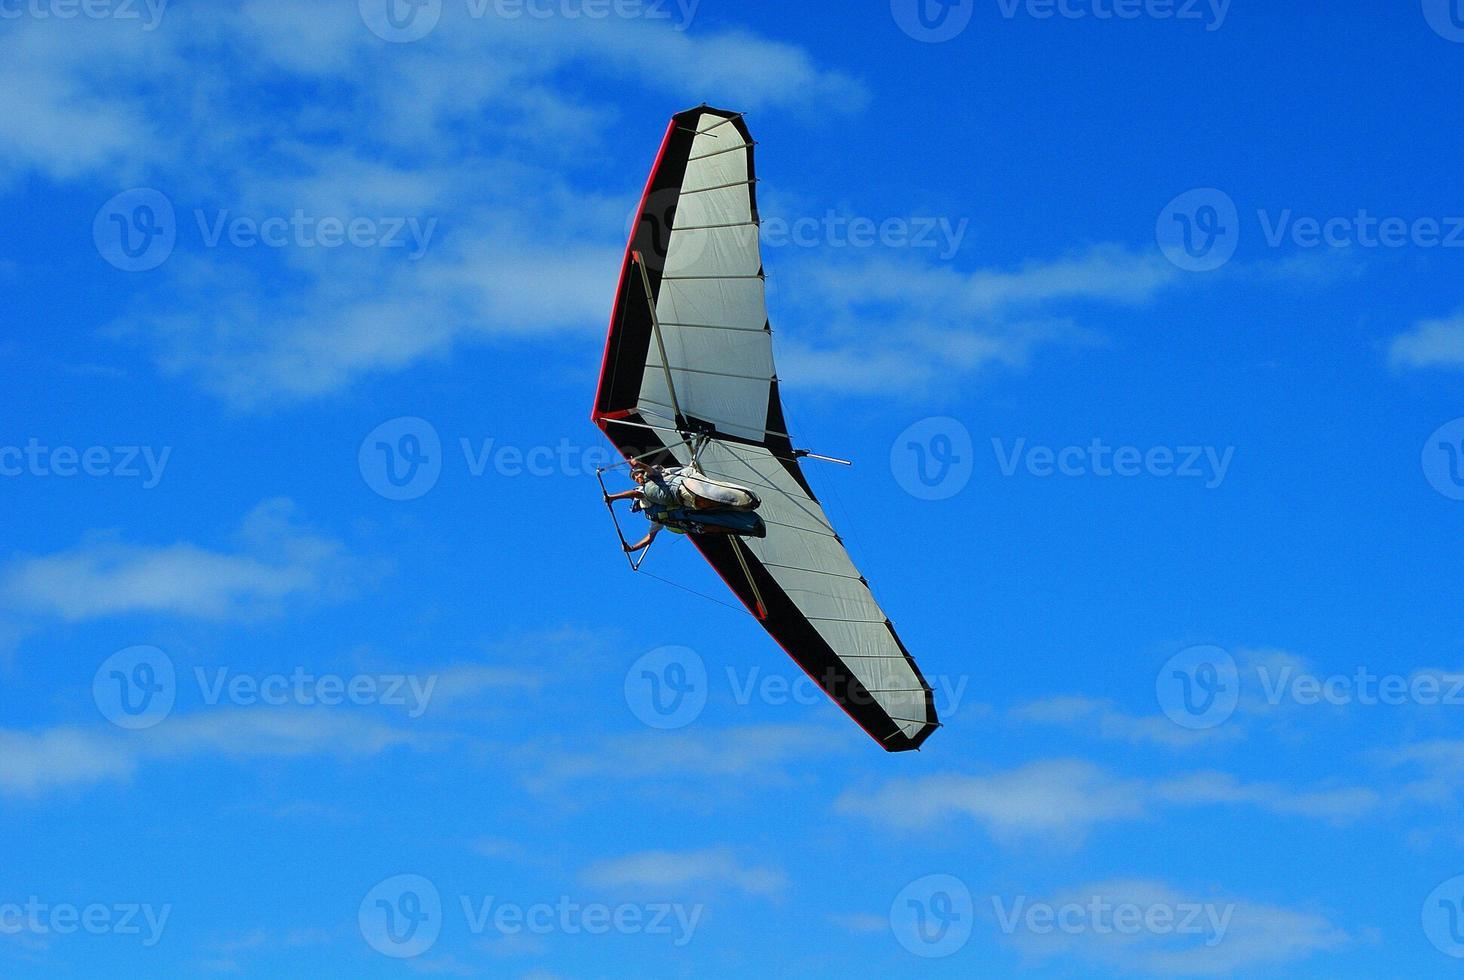 paire de deltaplane photo